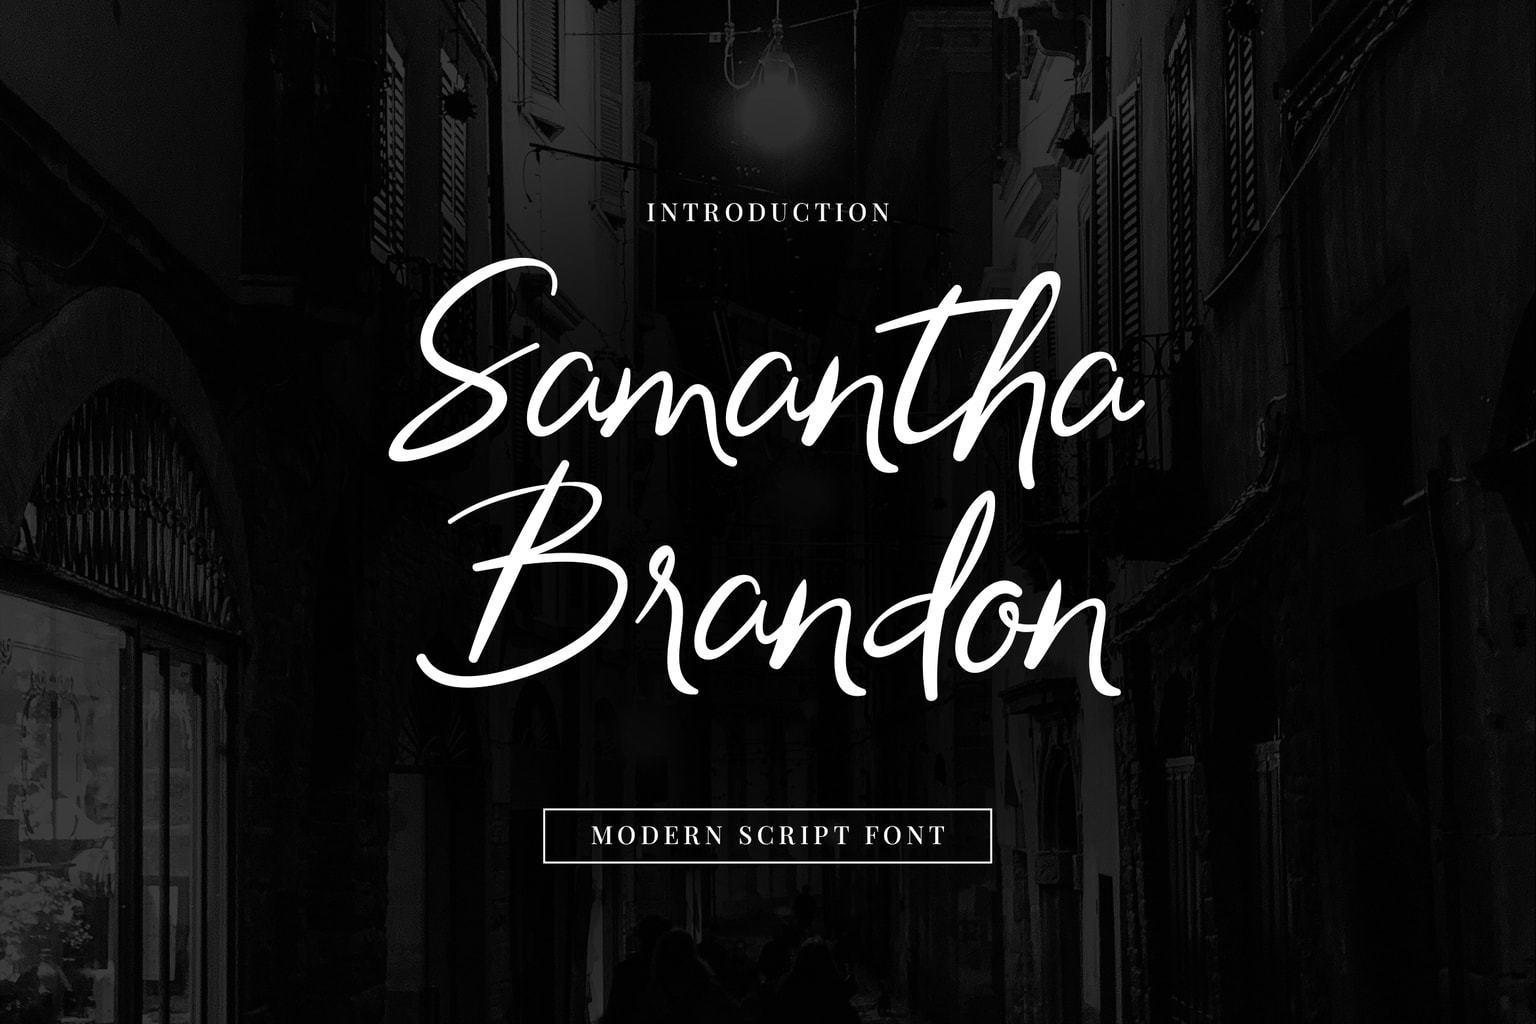 Samantha-Brandon-Handwritten-Font